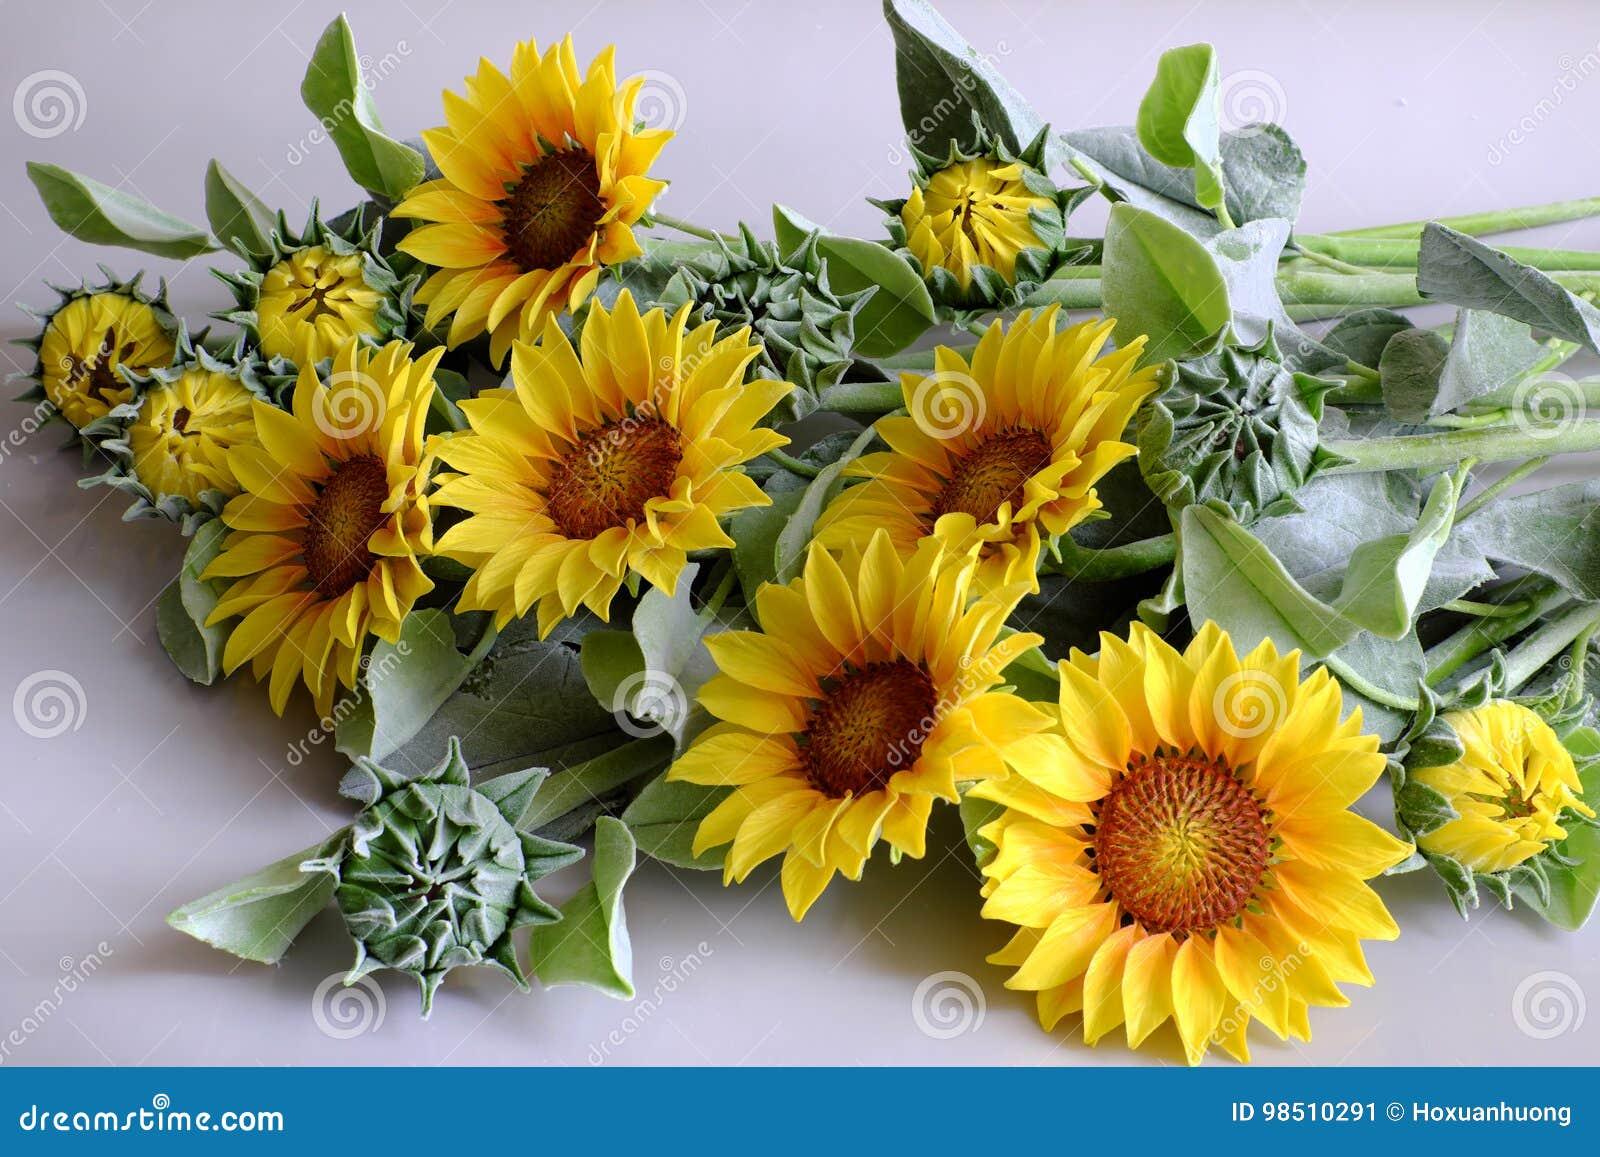 fleur d'argile, bouquet de tournesol image stock - image du beau